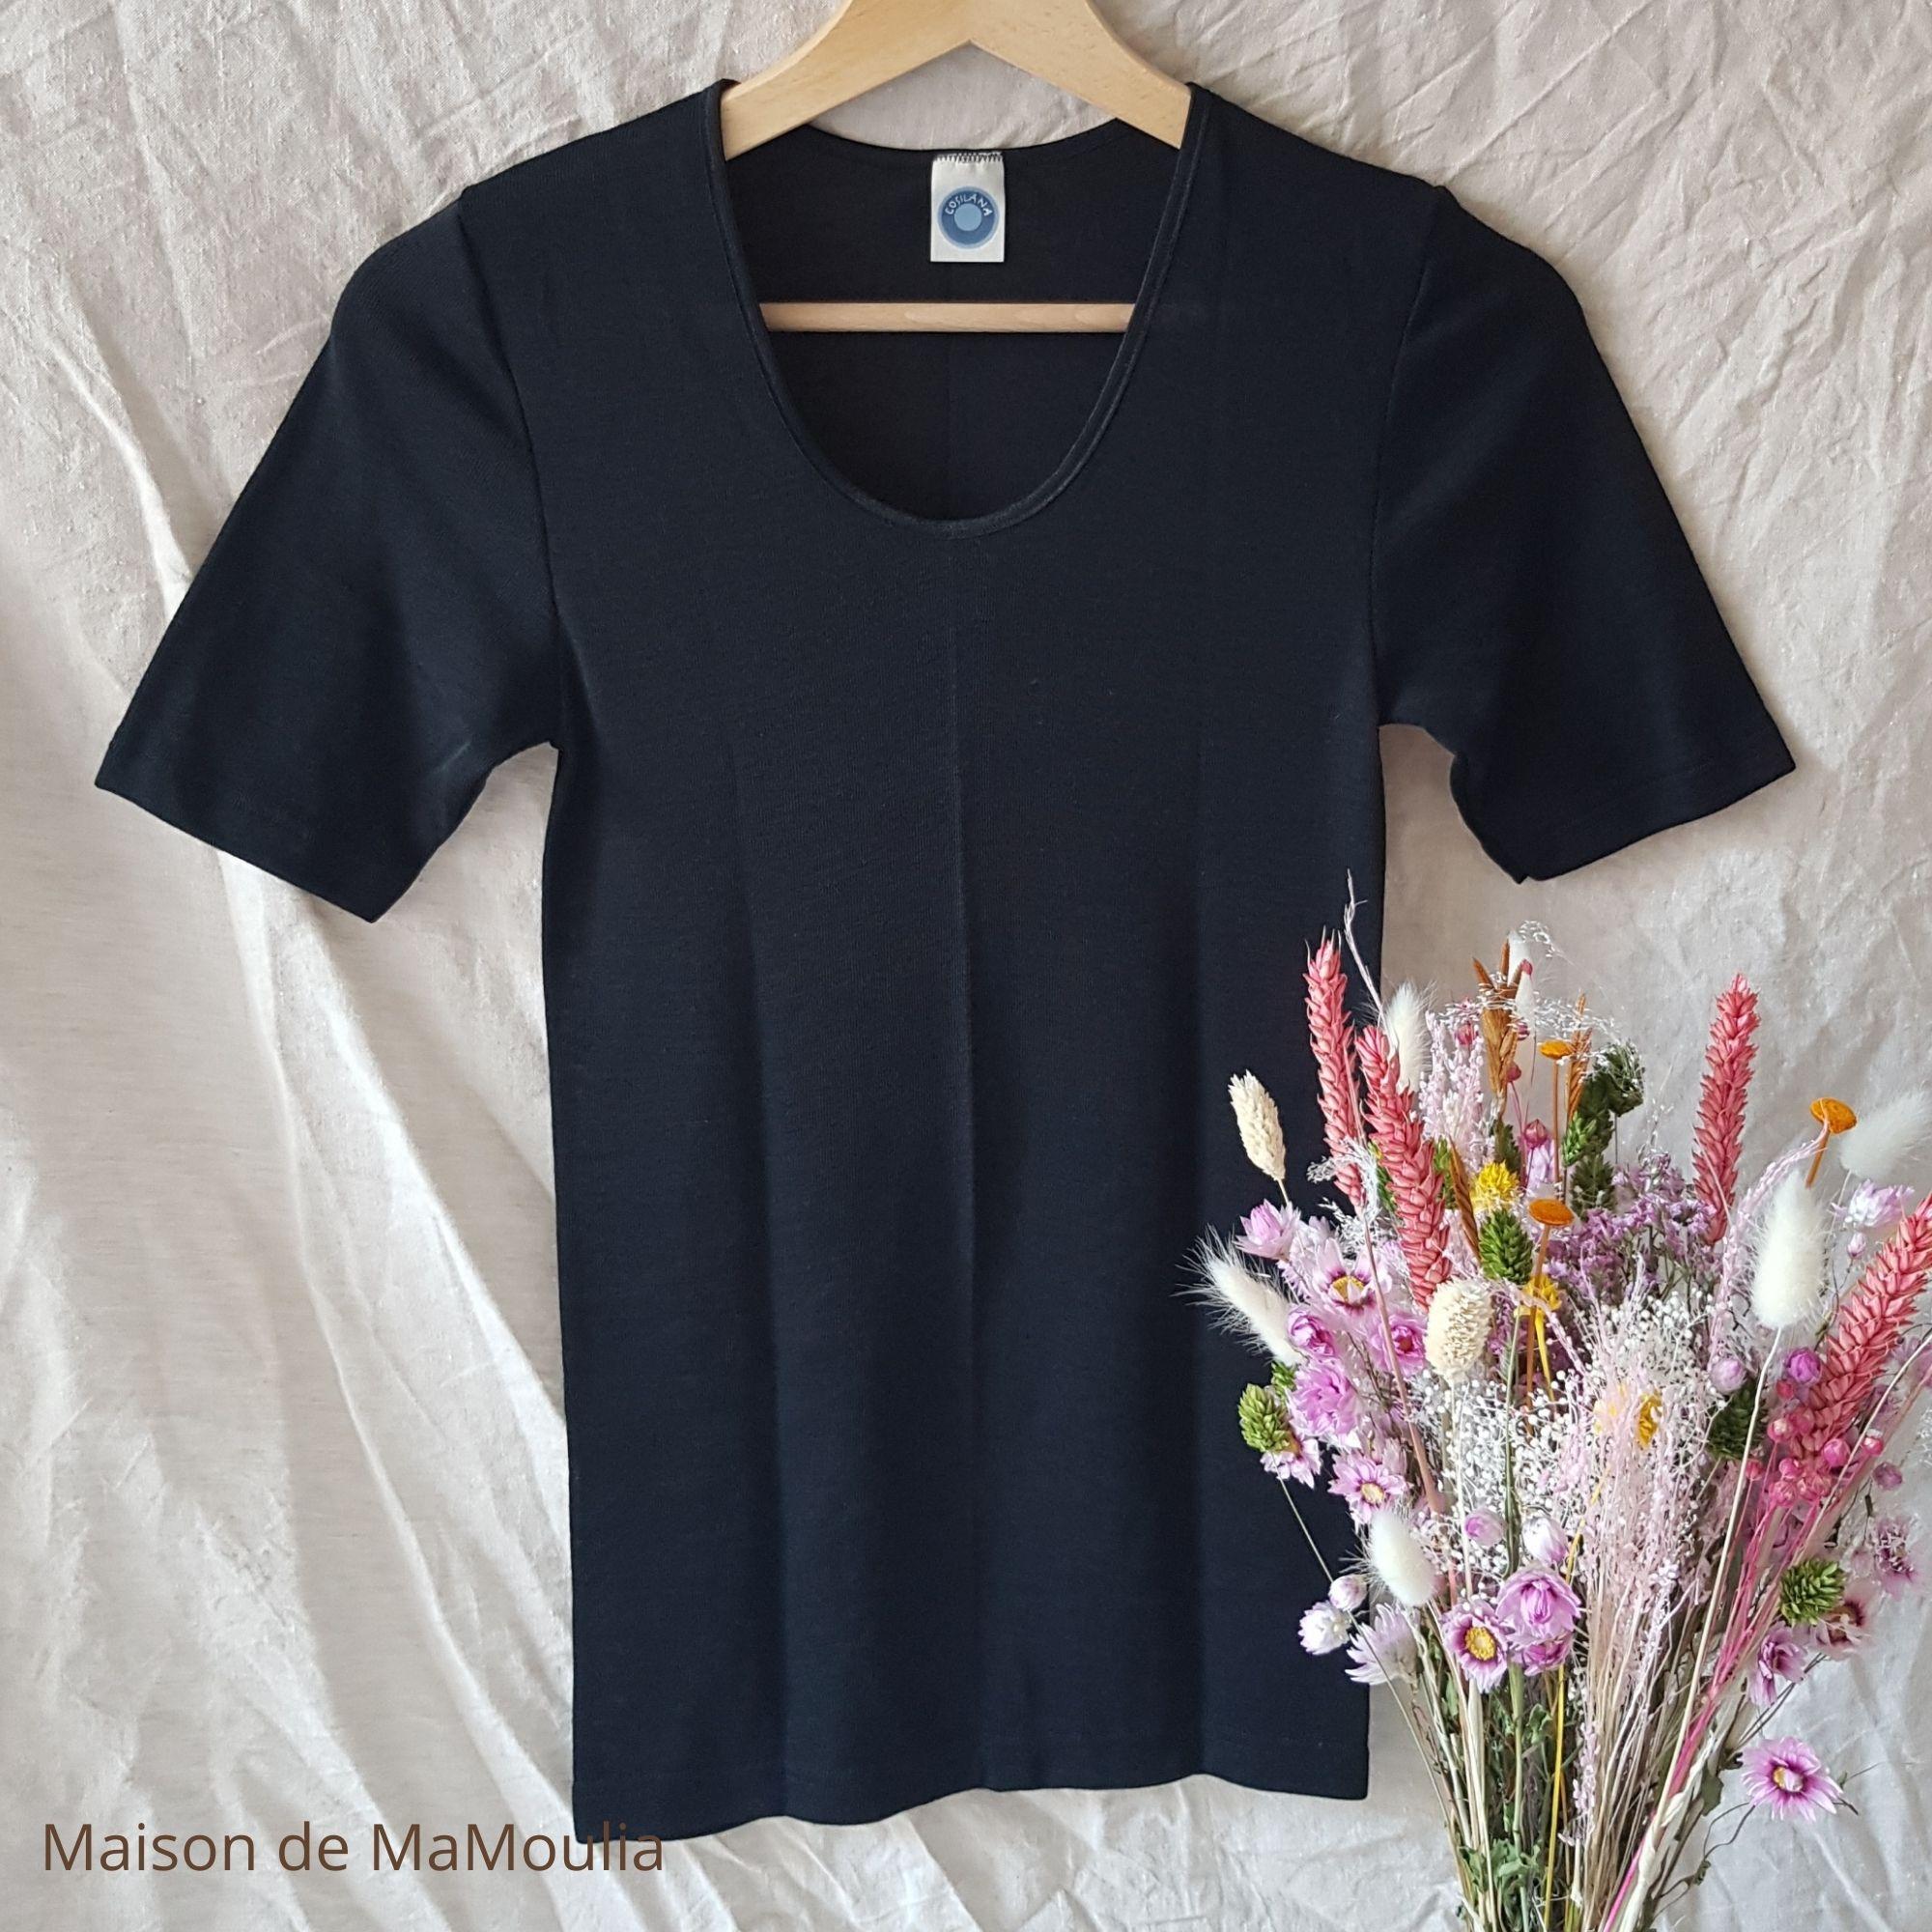 COSILANA - T-shirt manches courtes - 70% laine/ 30% soie, Noir